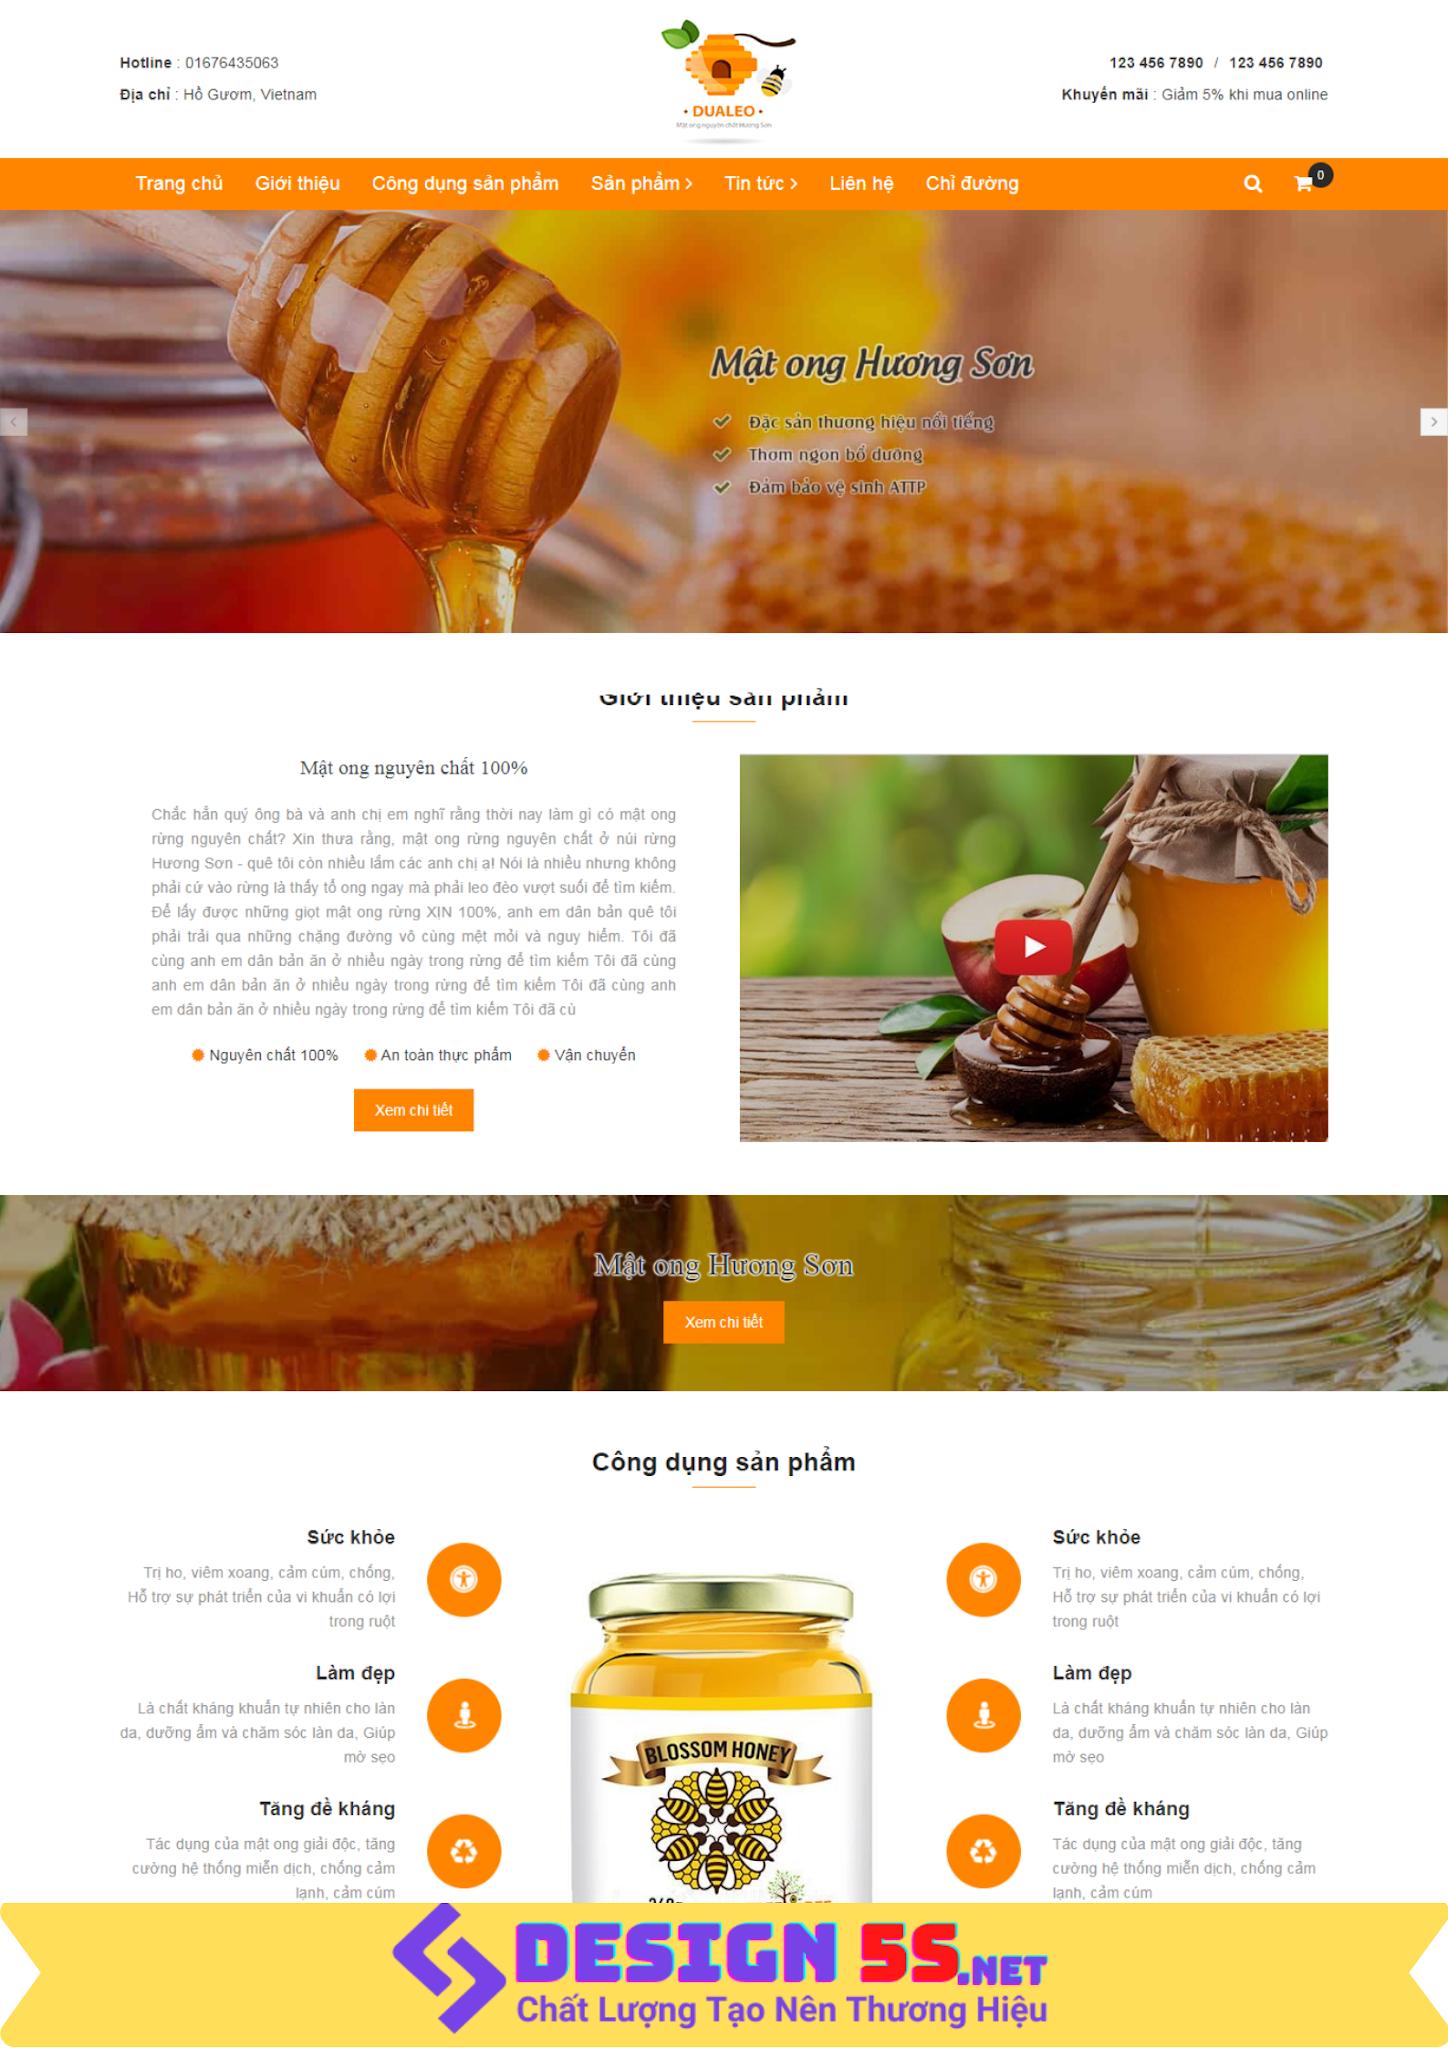 Template blogspot giới thiệu bán hàng sản phẩm Mật Ong VSM11